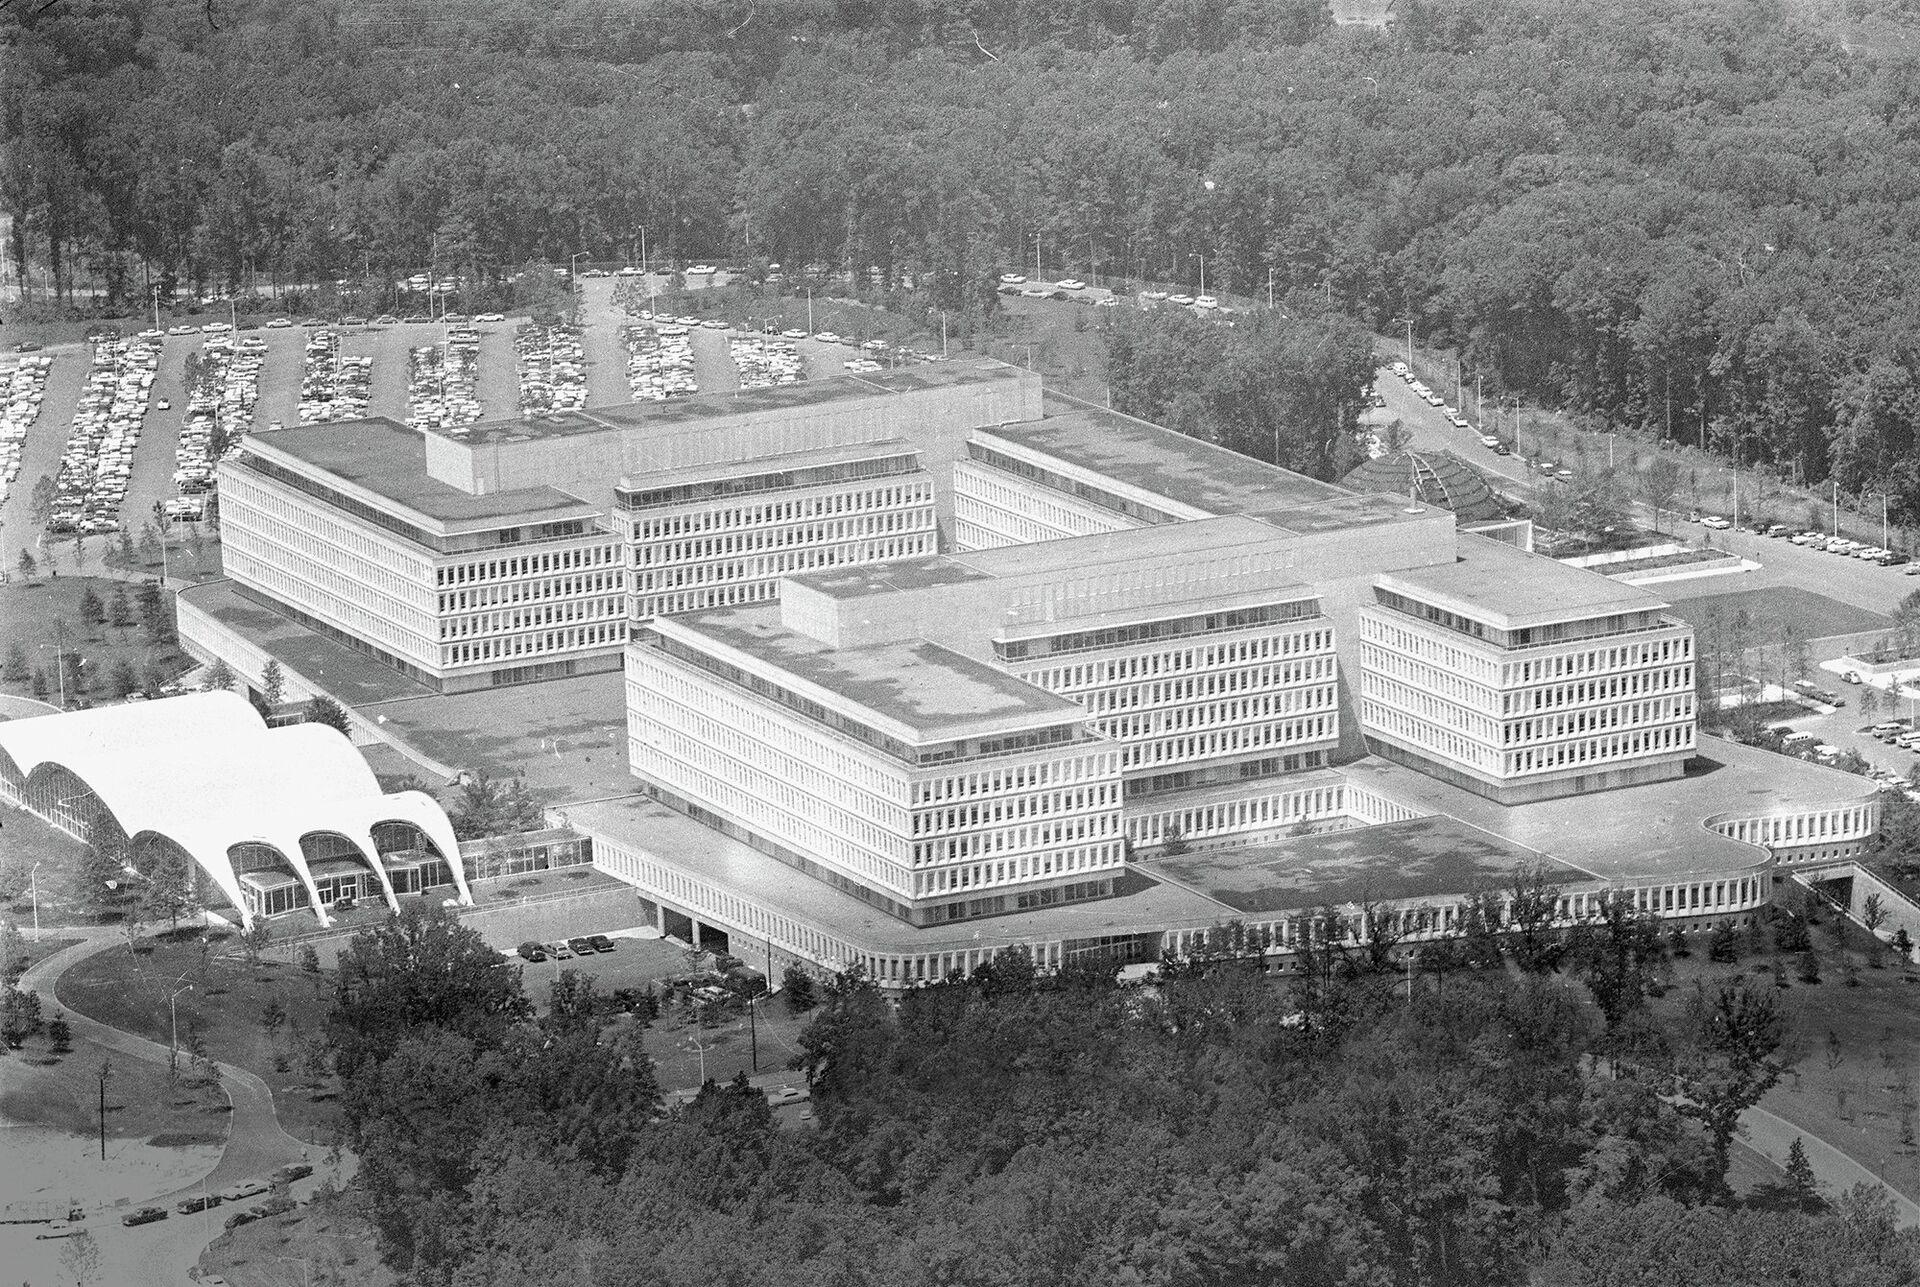 Вид на штаб-квартиру ЦРУ, США. 1962 год - РИА Новости, 1920, 29.04.2021